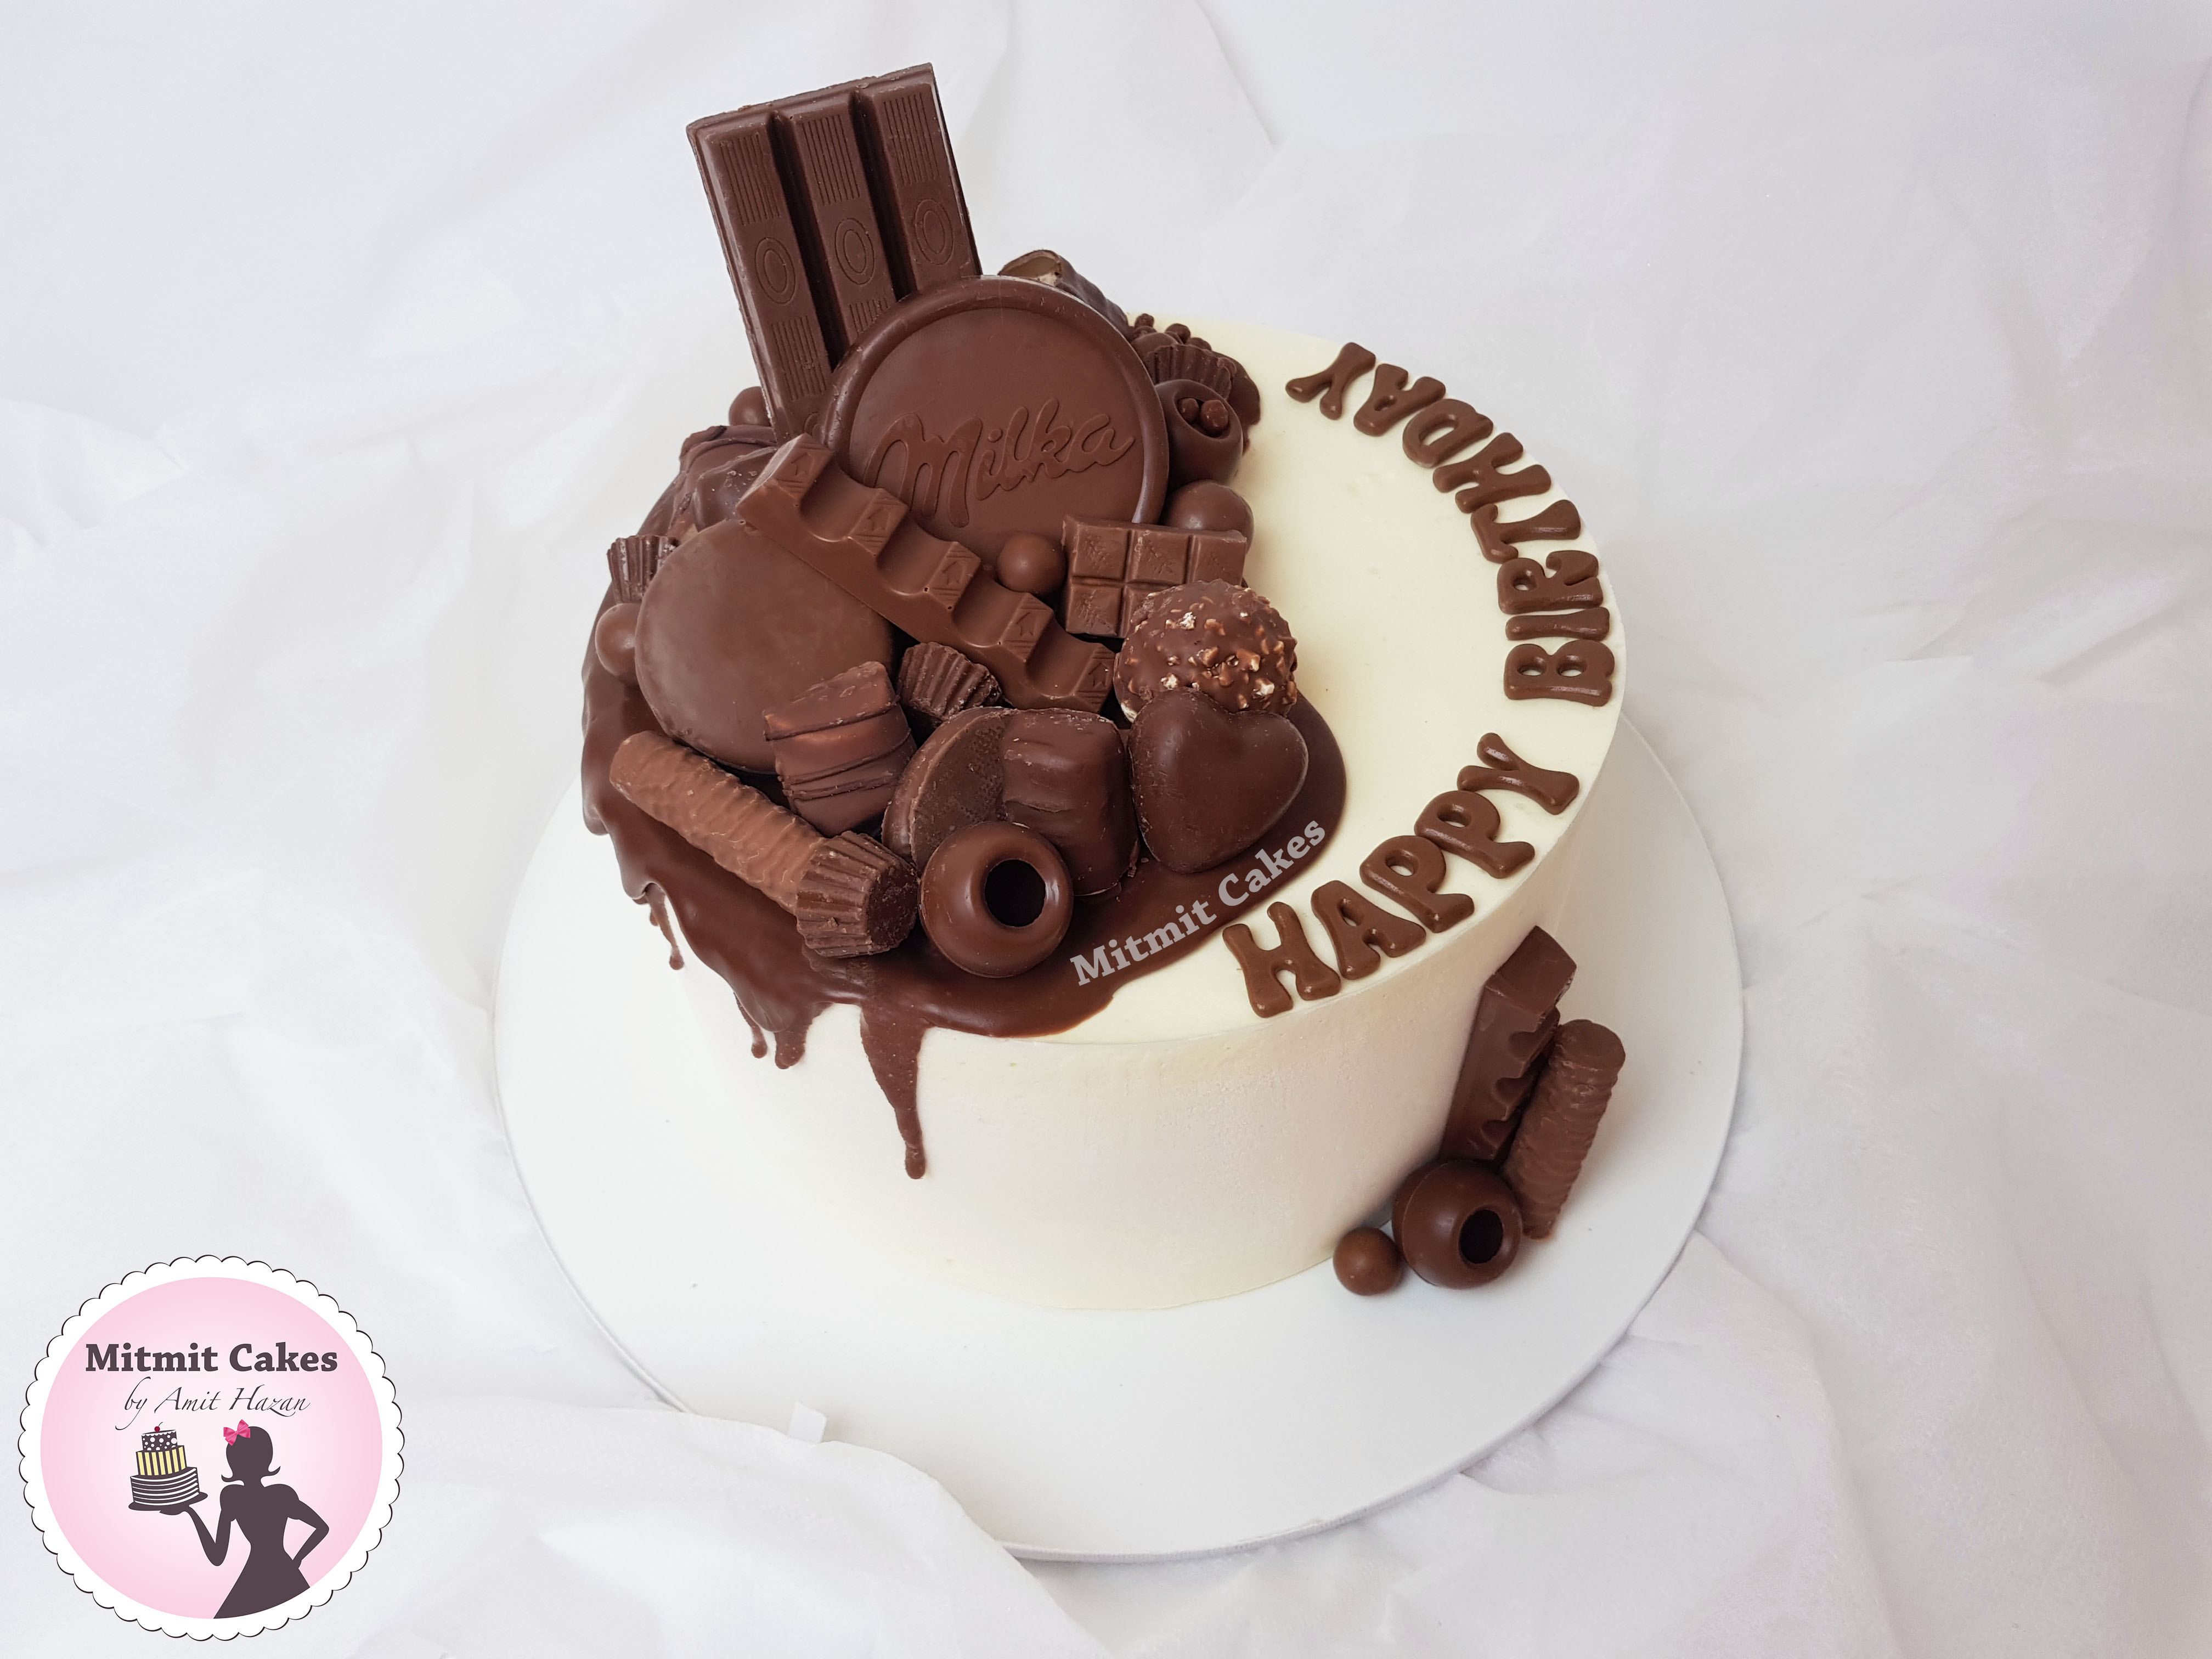 עוגת מוס שוקולד לבן וקינדר